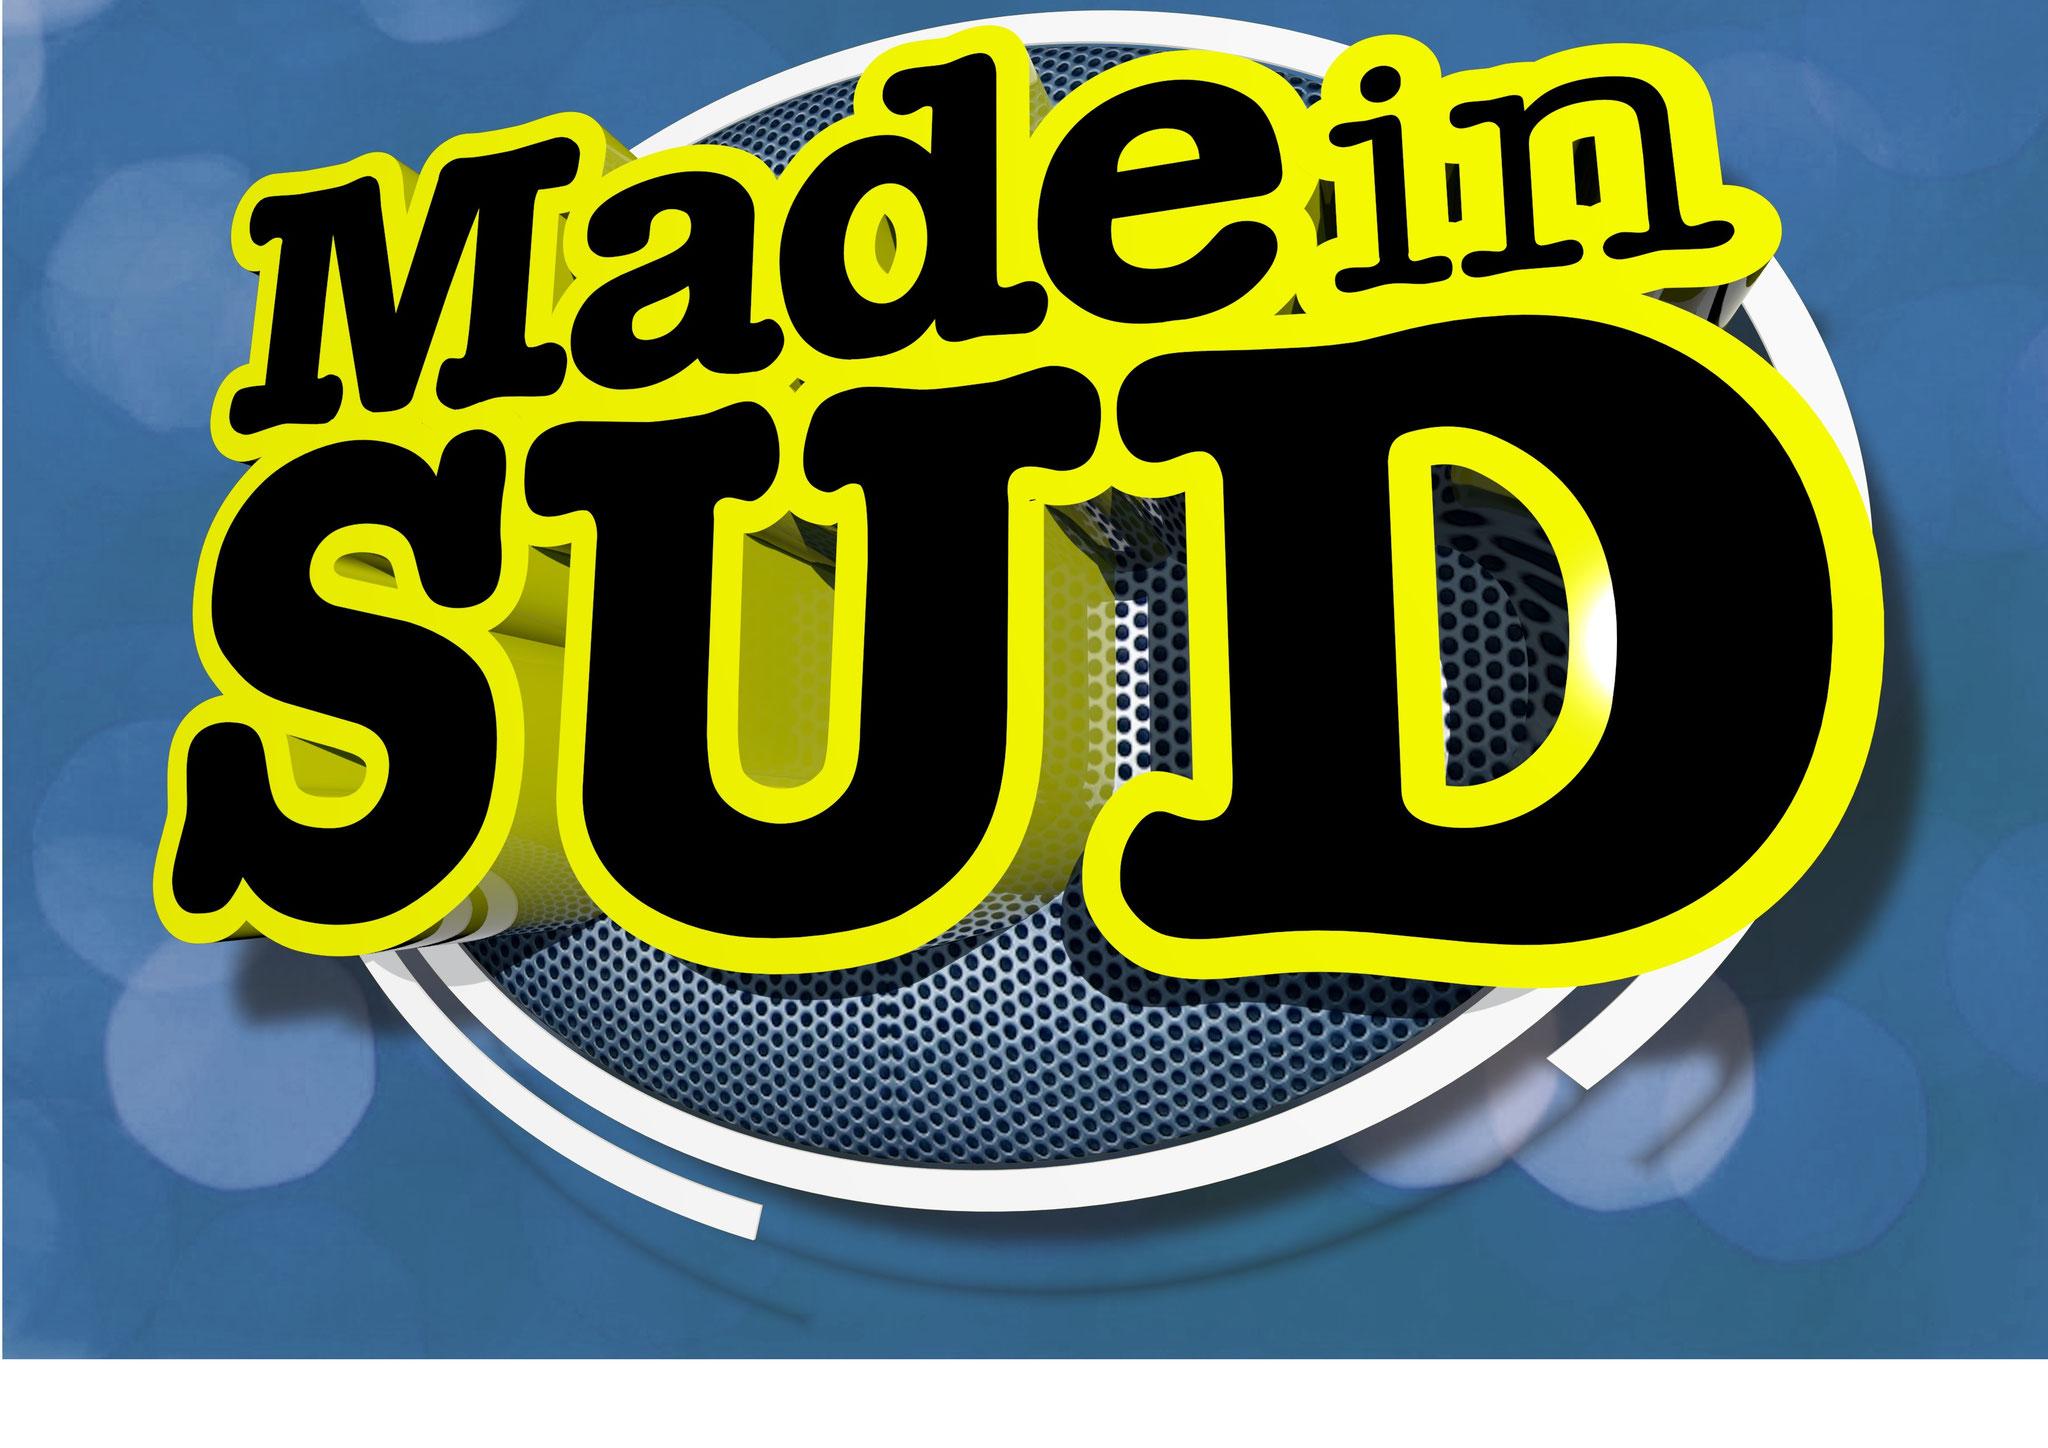 made in sud, agenzia, contatti, management, comici, cabarettisti, cabaret, napoli, contattare, ingaggio, personaggi,